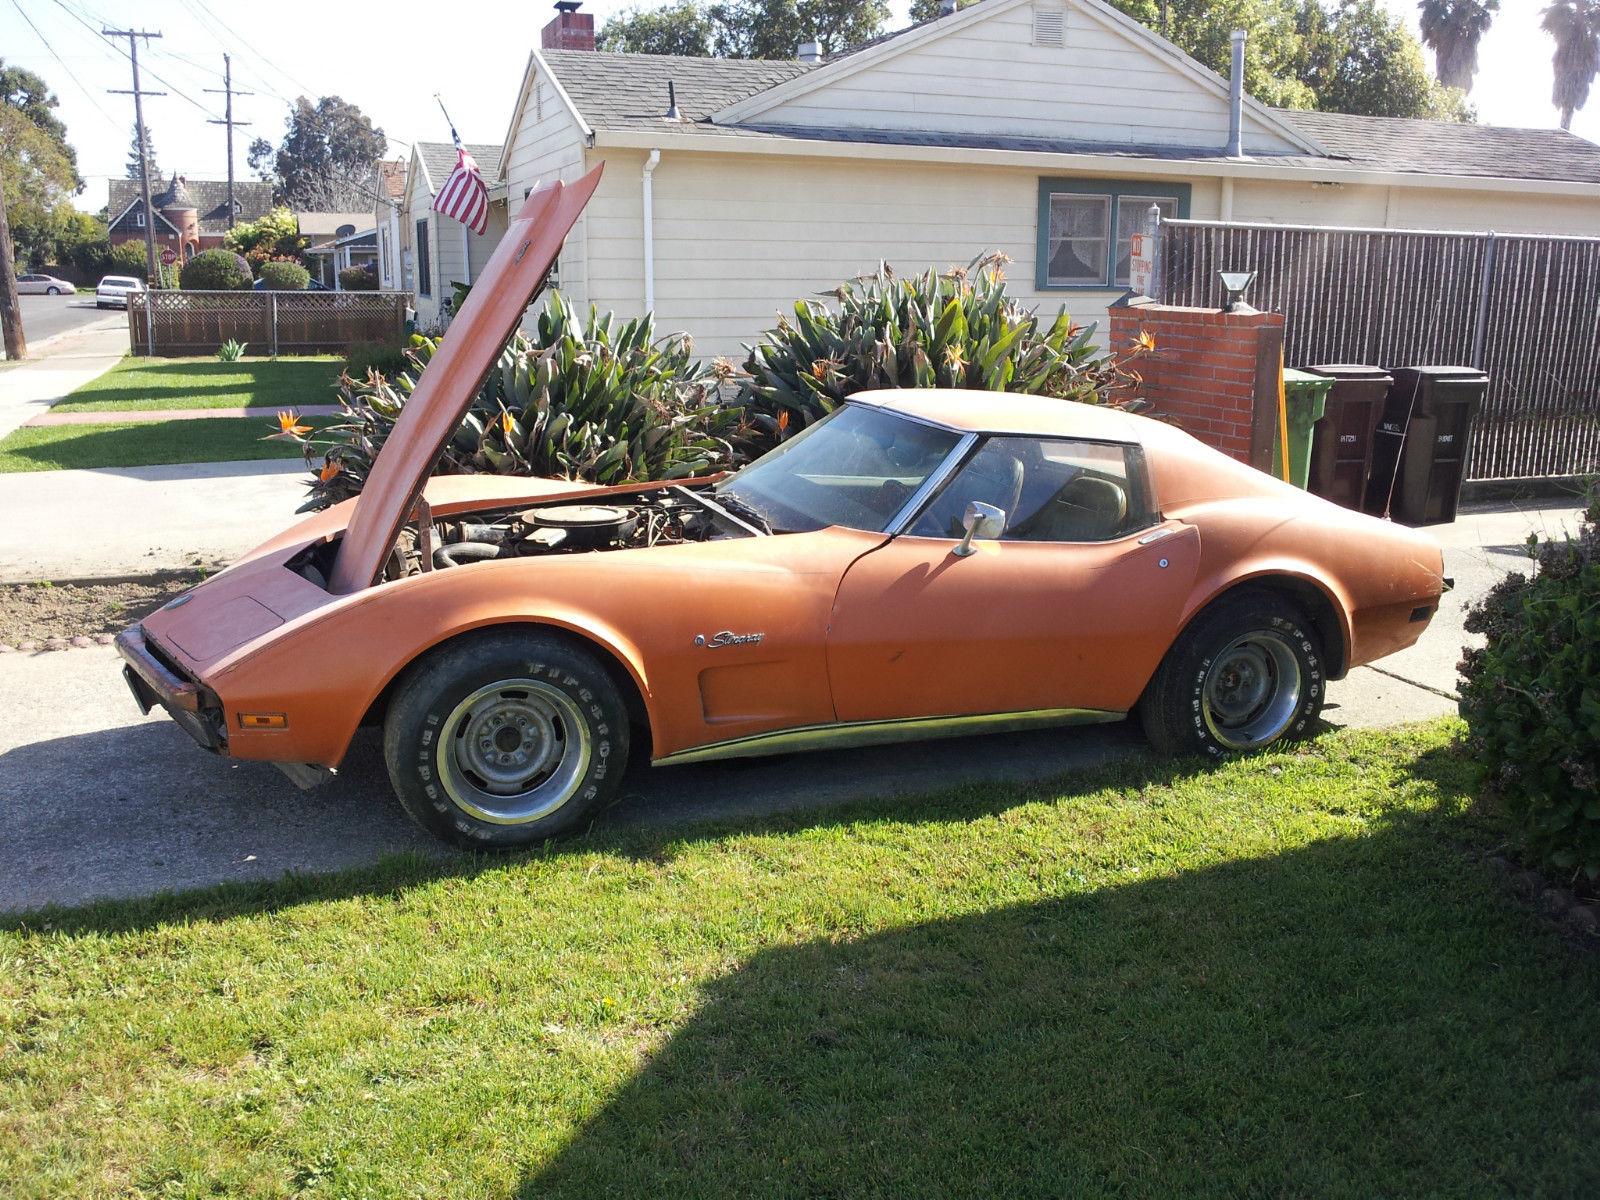 1974 Ls4 454 Big Block Corvette All Original Barn Find